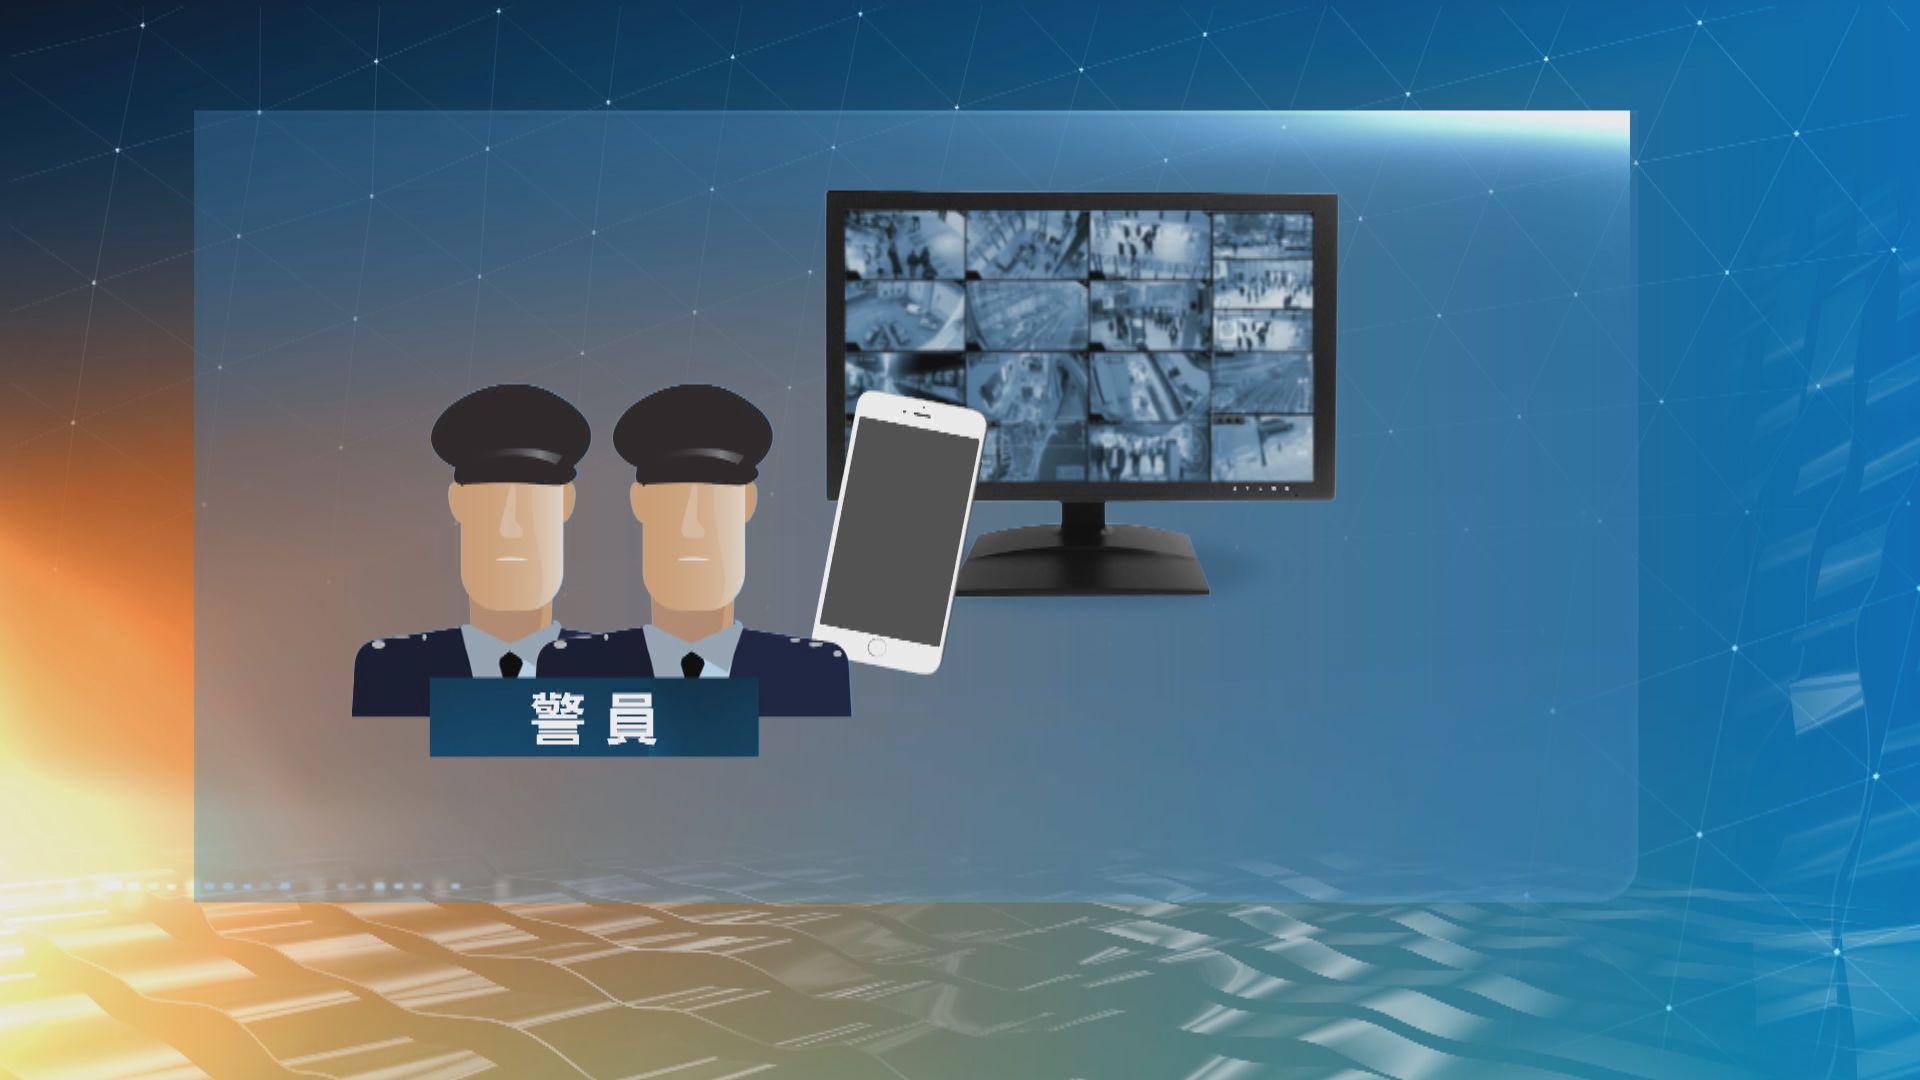 監警會:投訴警當值時用電話增加需更新指引